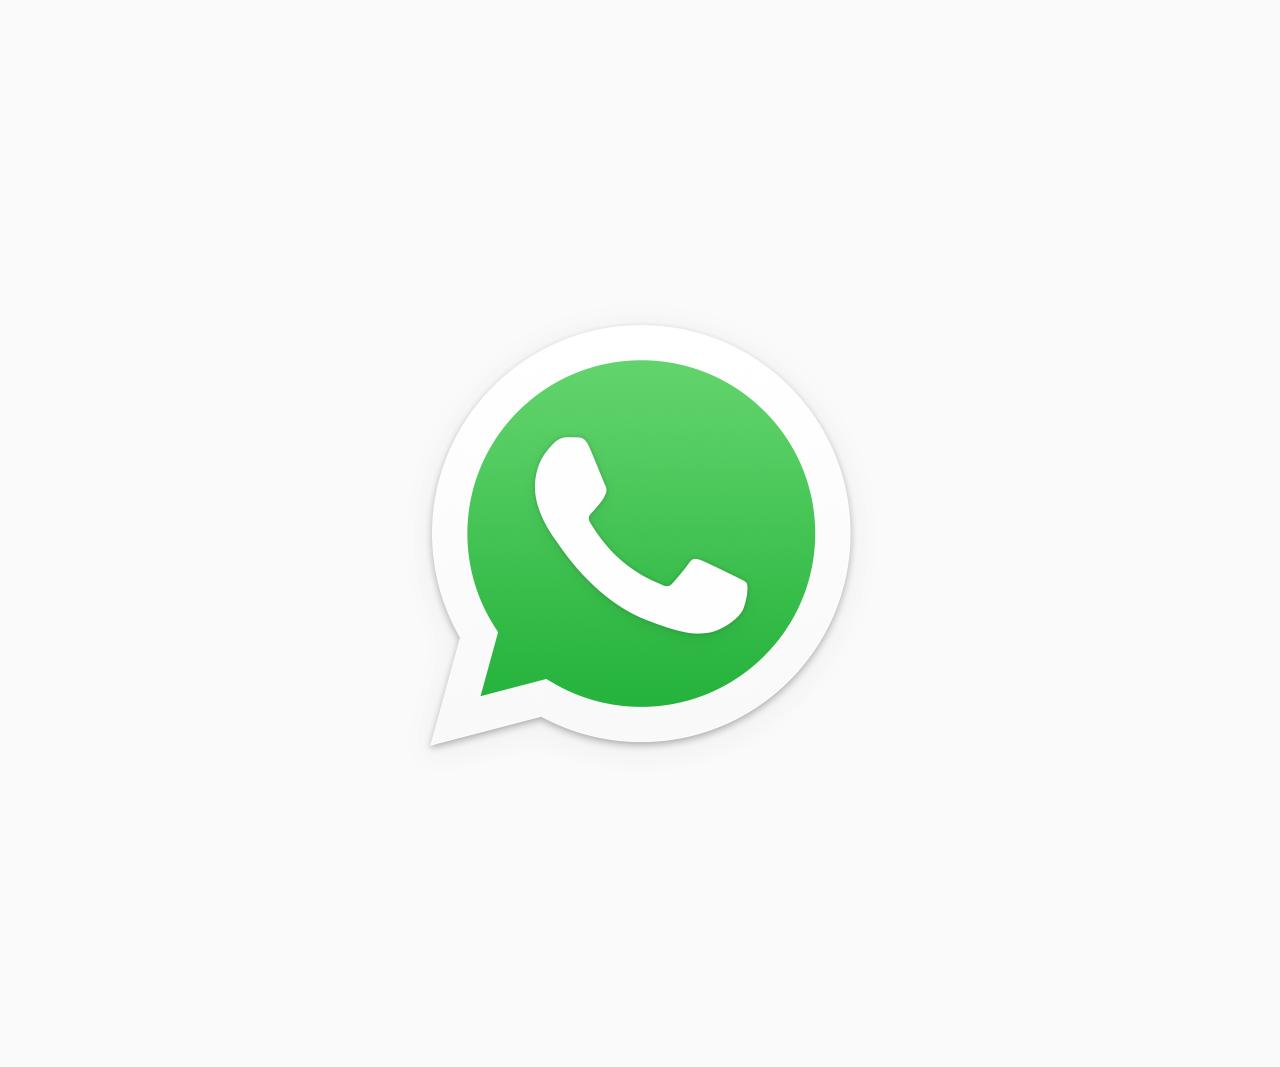 Hoe moet je flirten via whatsapp